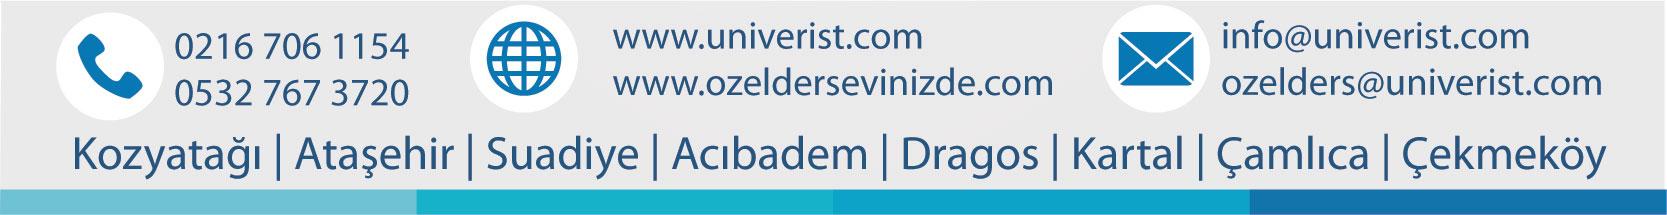 Univerist Kozyatağı-Ataşehir-Suadiye-Acıbadem-Dragos-Kartal-Çamlıca-Çekmeköy